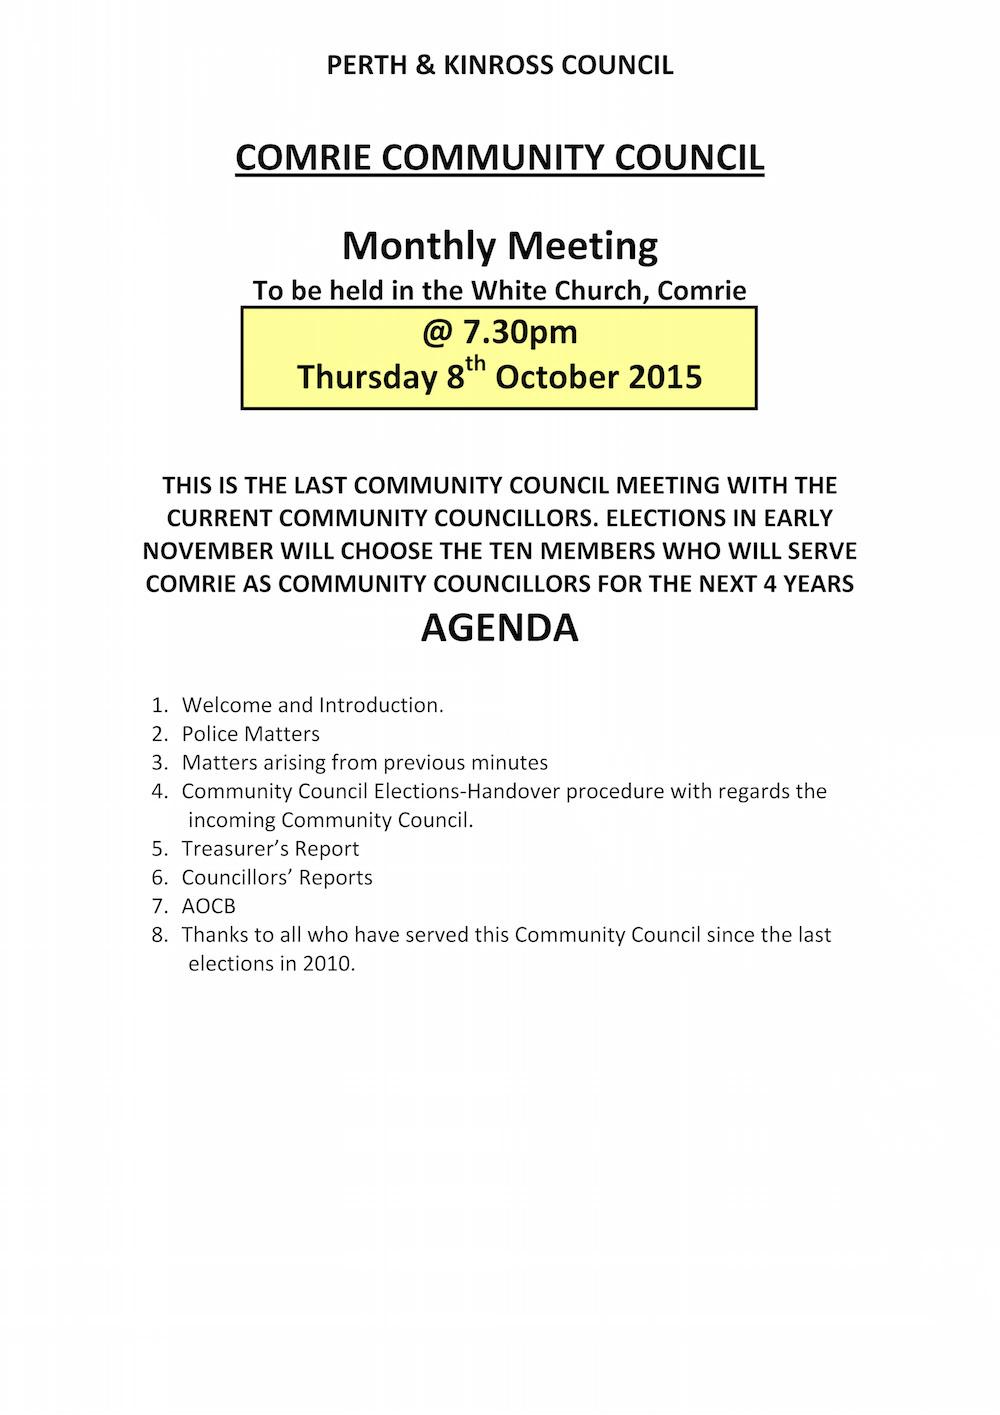 15.10.08 CCC Agenda